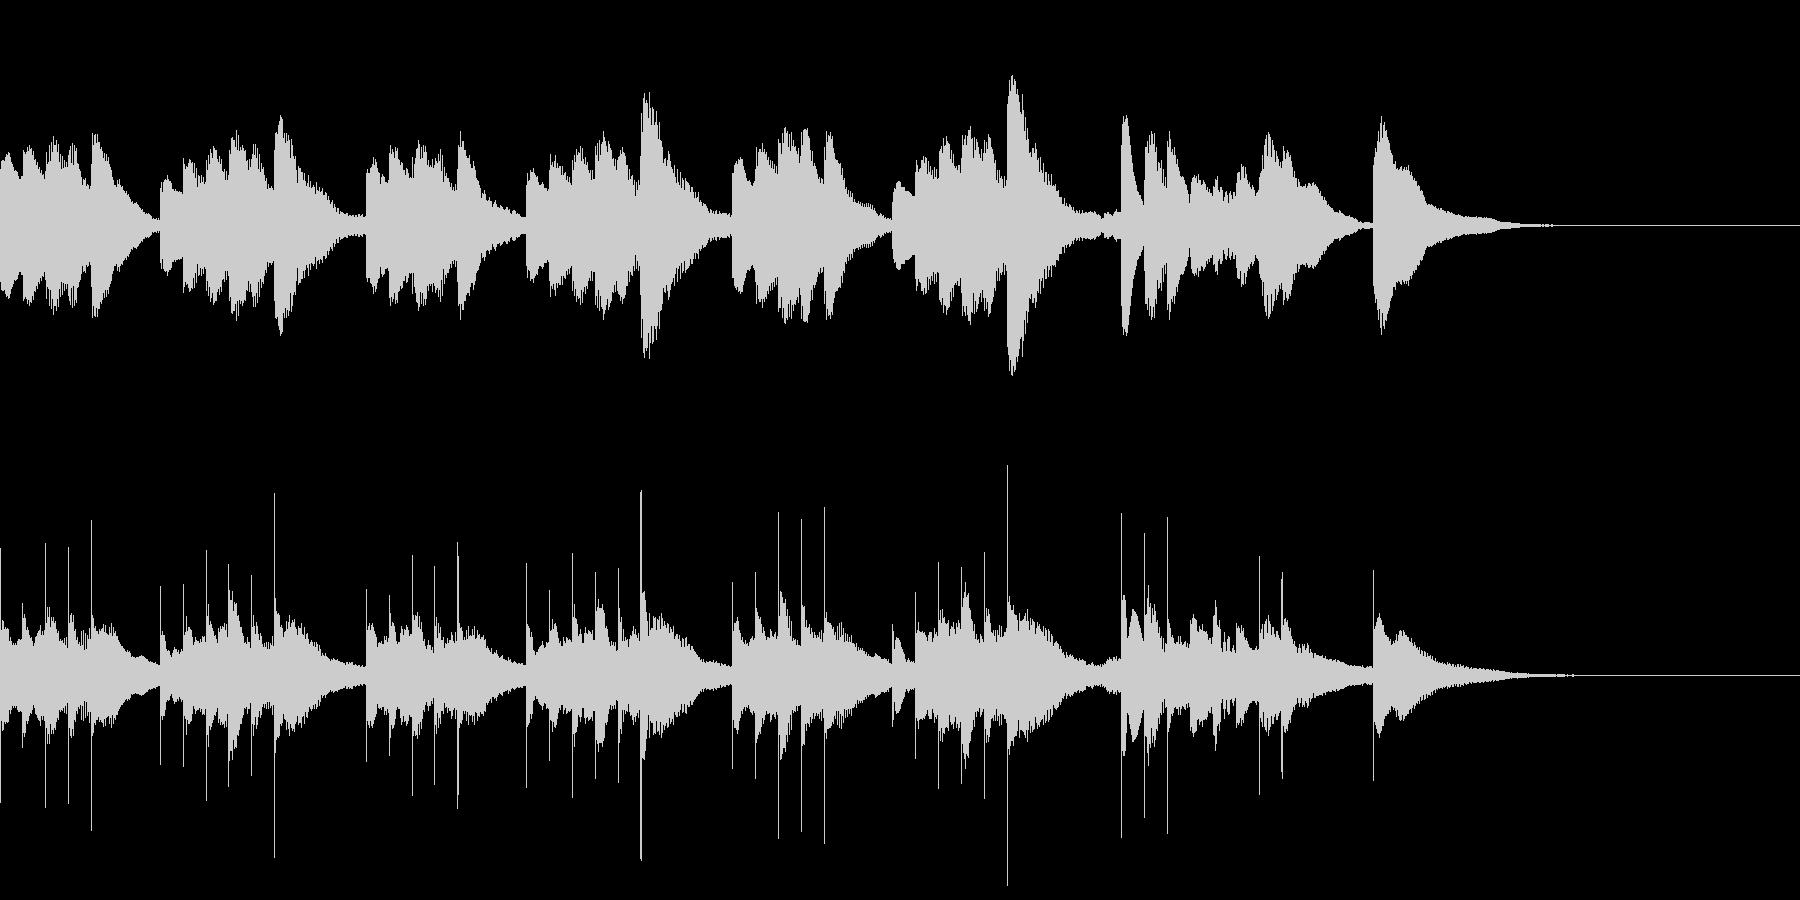 マリンバとグロッケンのジングル4の未再生の波形